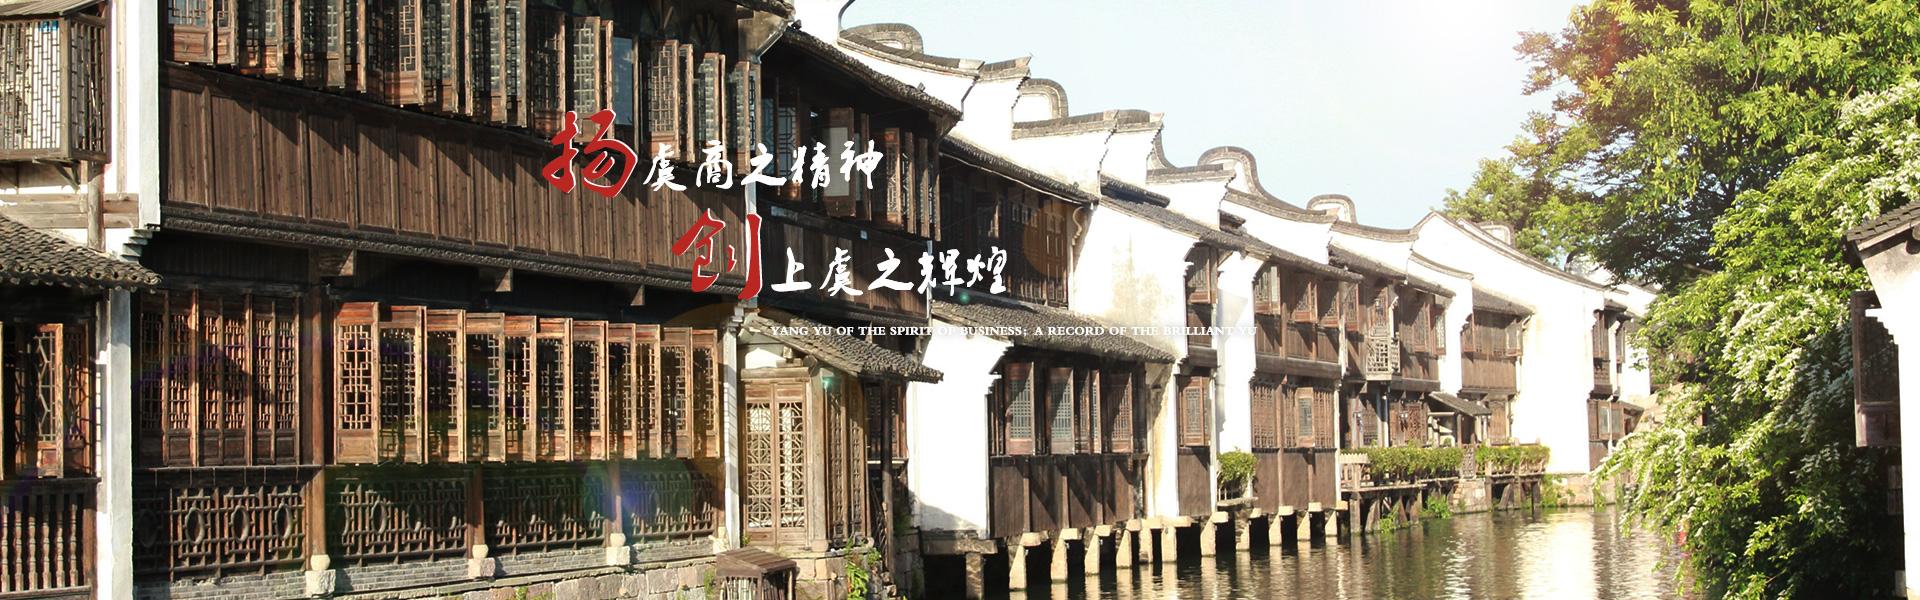 杭州市上虞商会